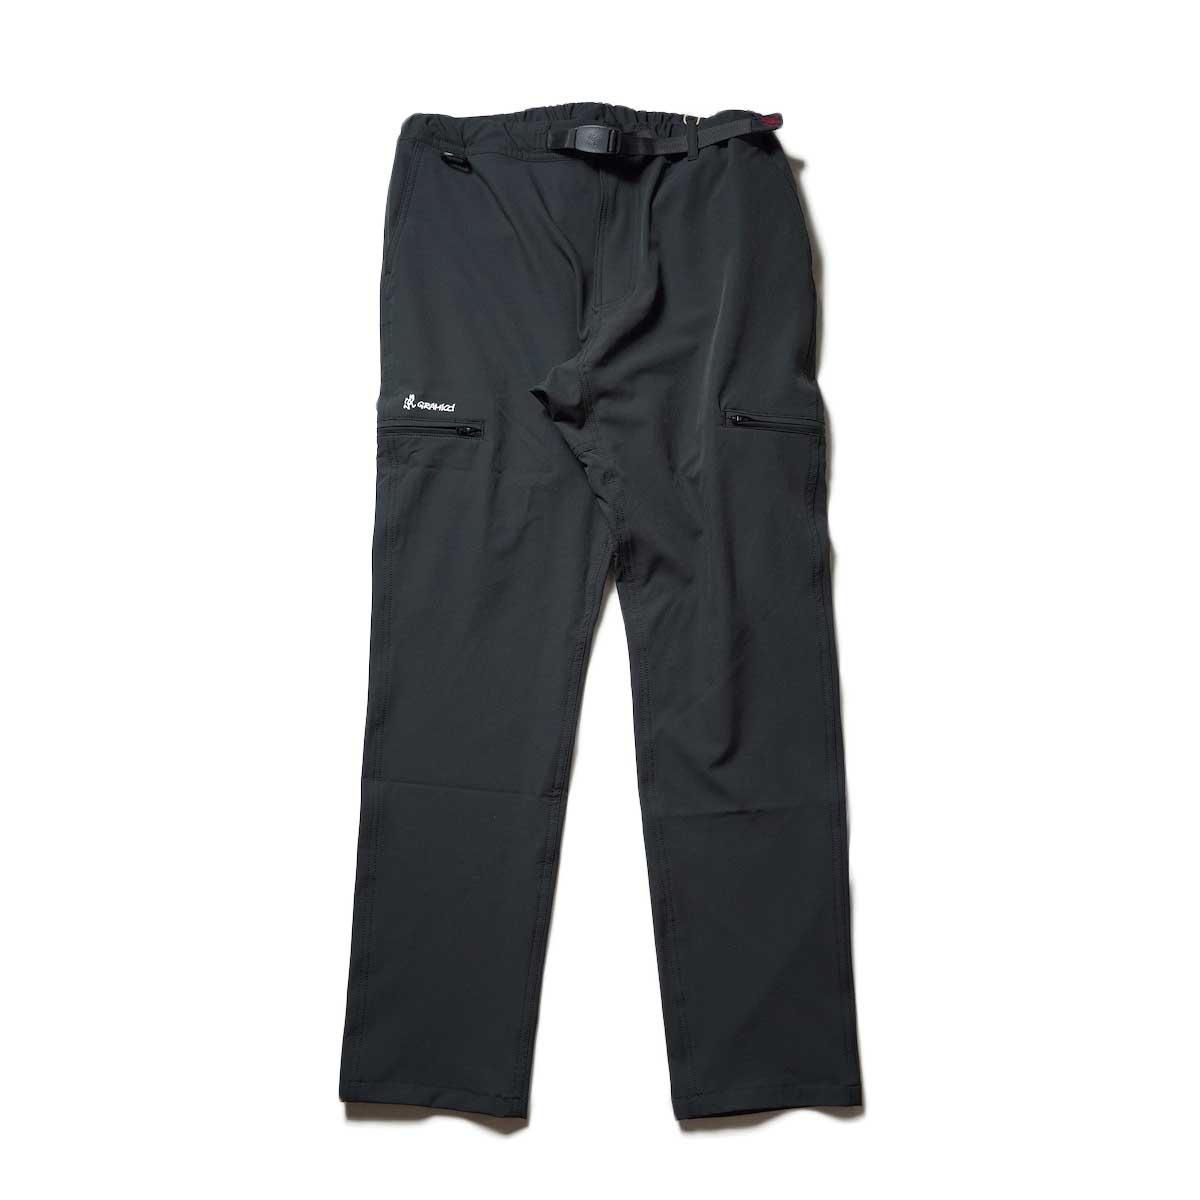 GRAMICCI / 4-WAY STRETCH GEAR TIGHT FIT PANTS (Black)